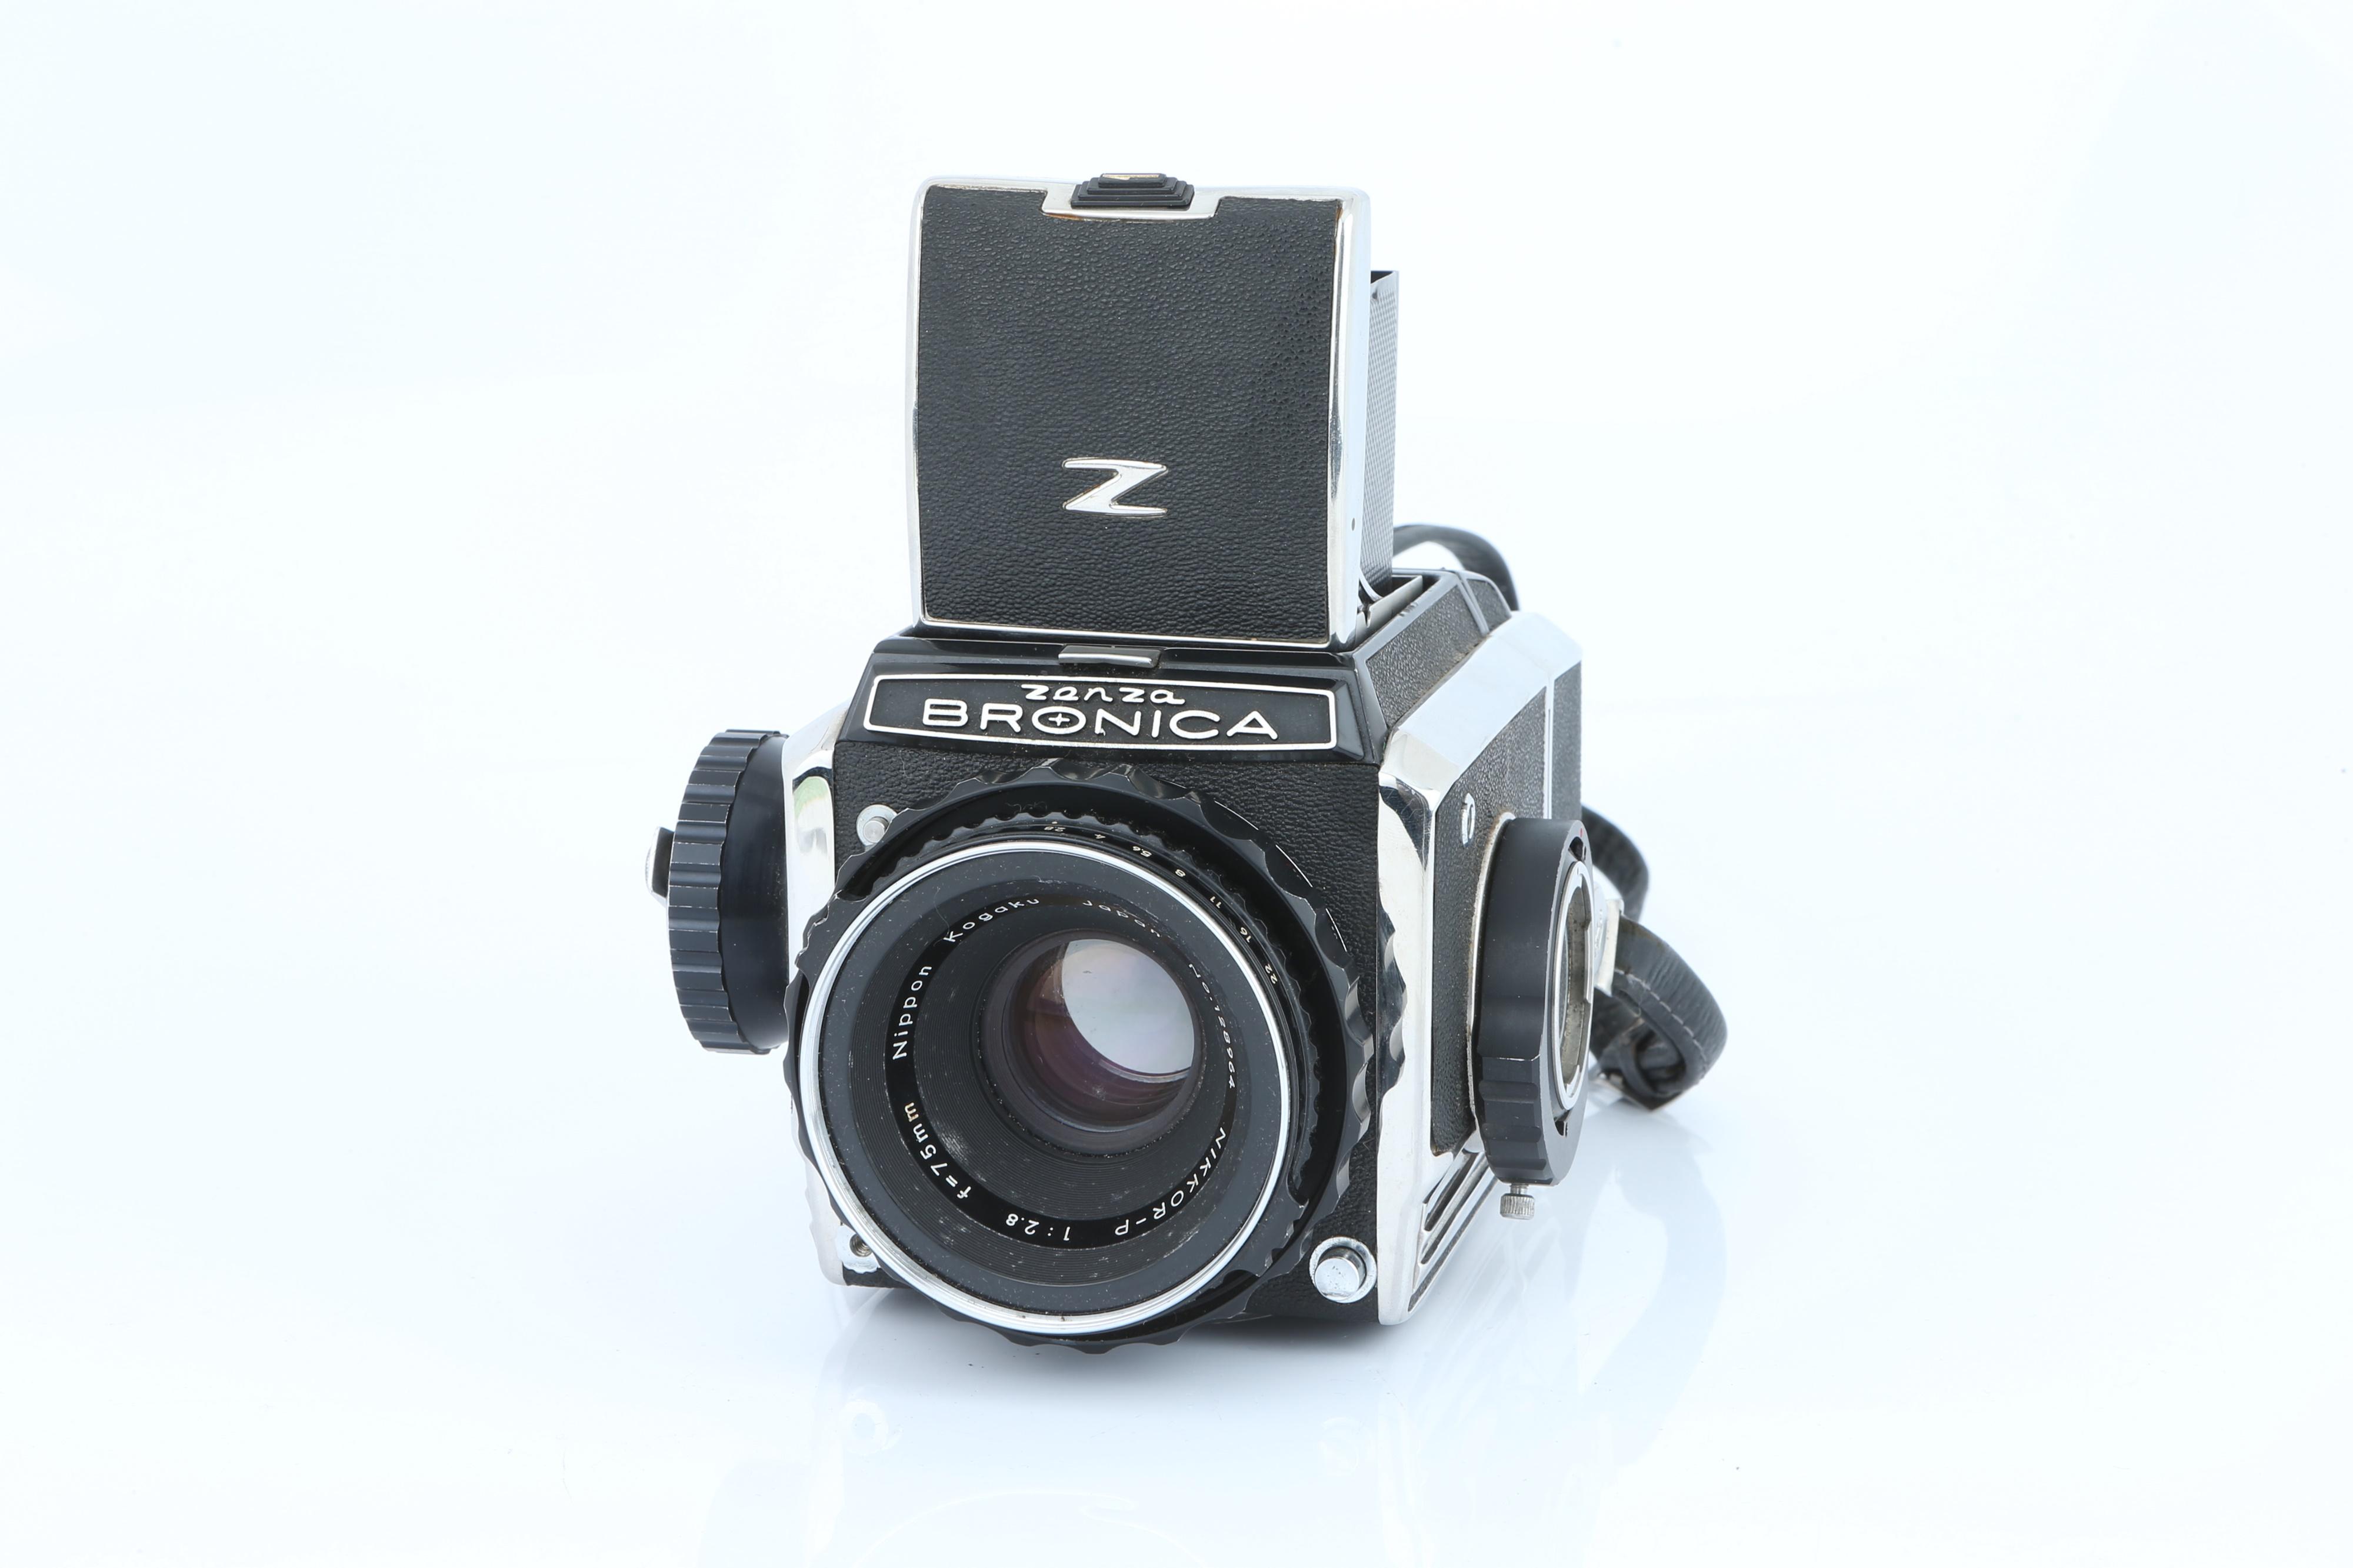 A Zenza Bronica S2A Medium Format Camera,